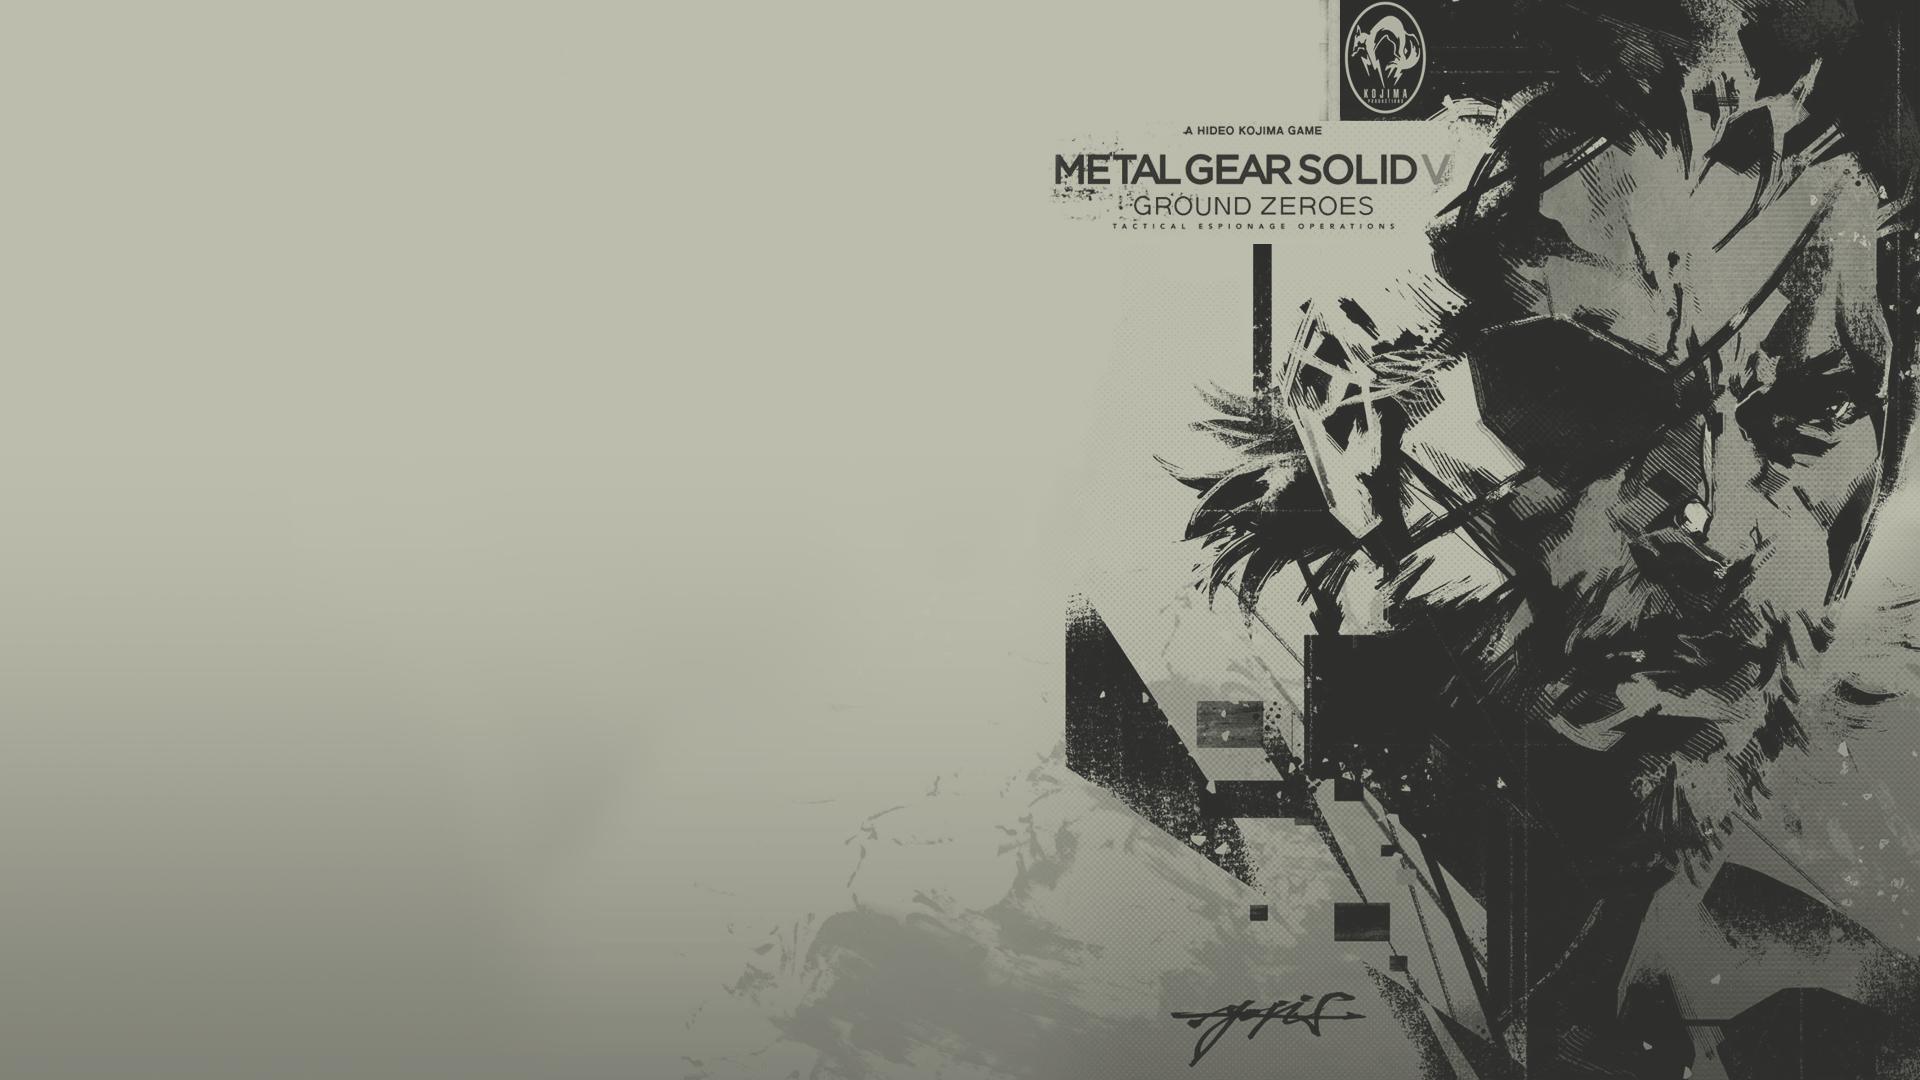 Res: 1920x1080, HDQ Cover Creative Metal Gear Solid HD Pics, , Susannah Schrantz